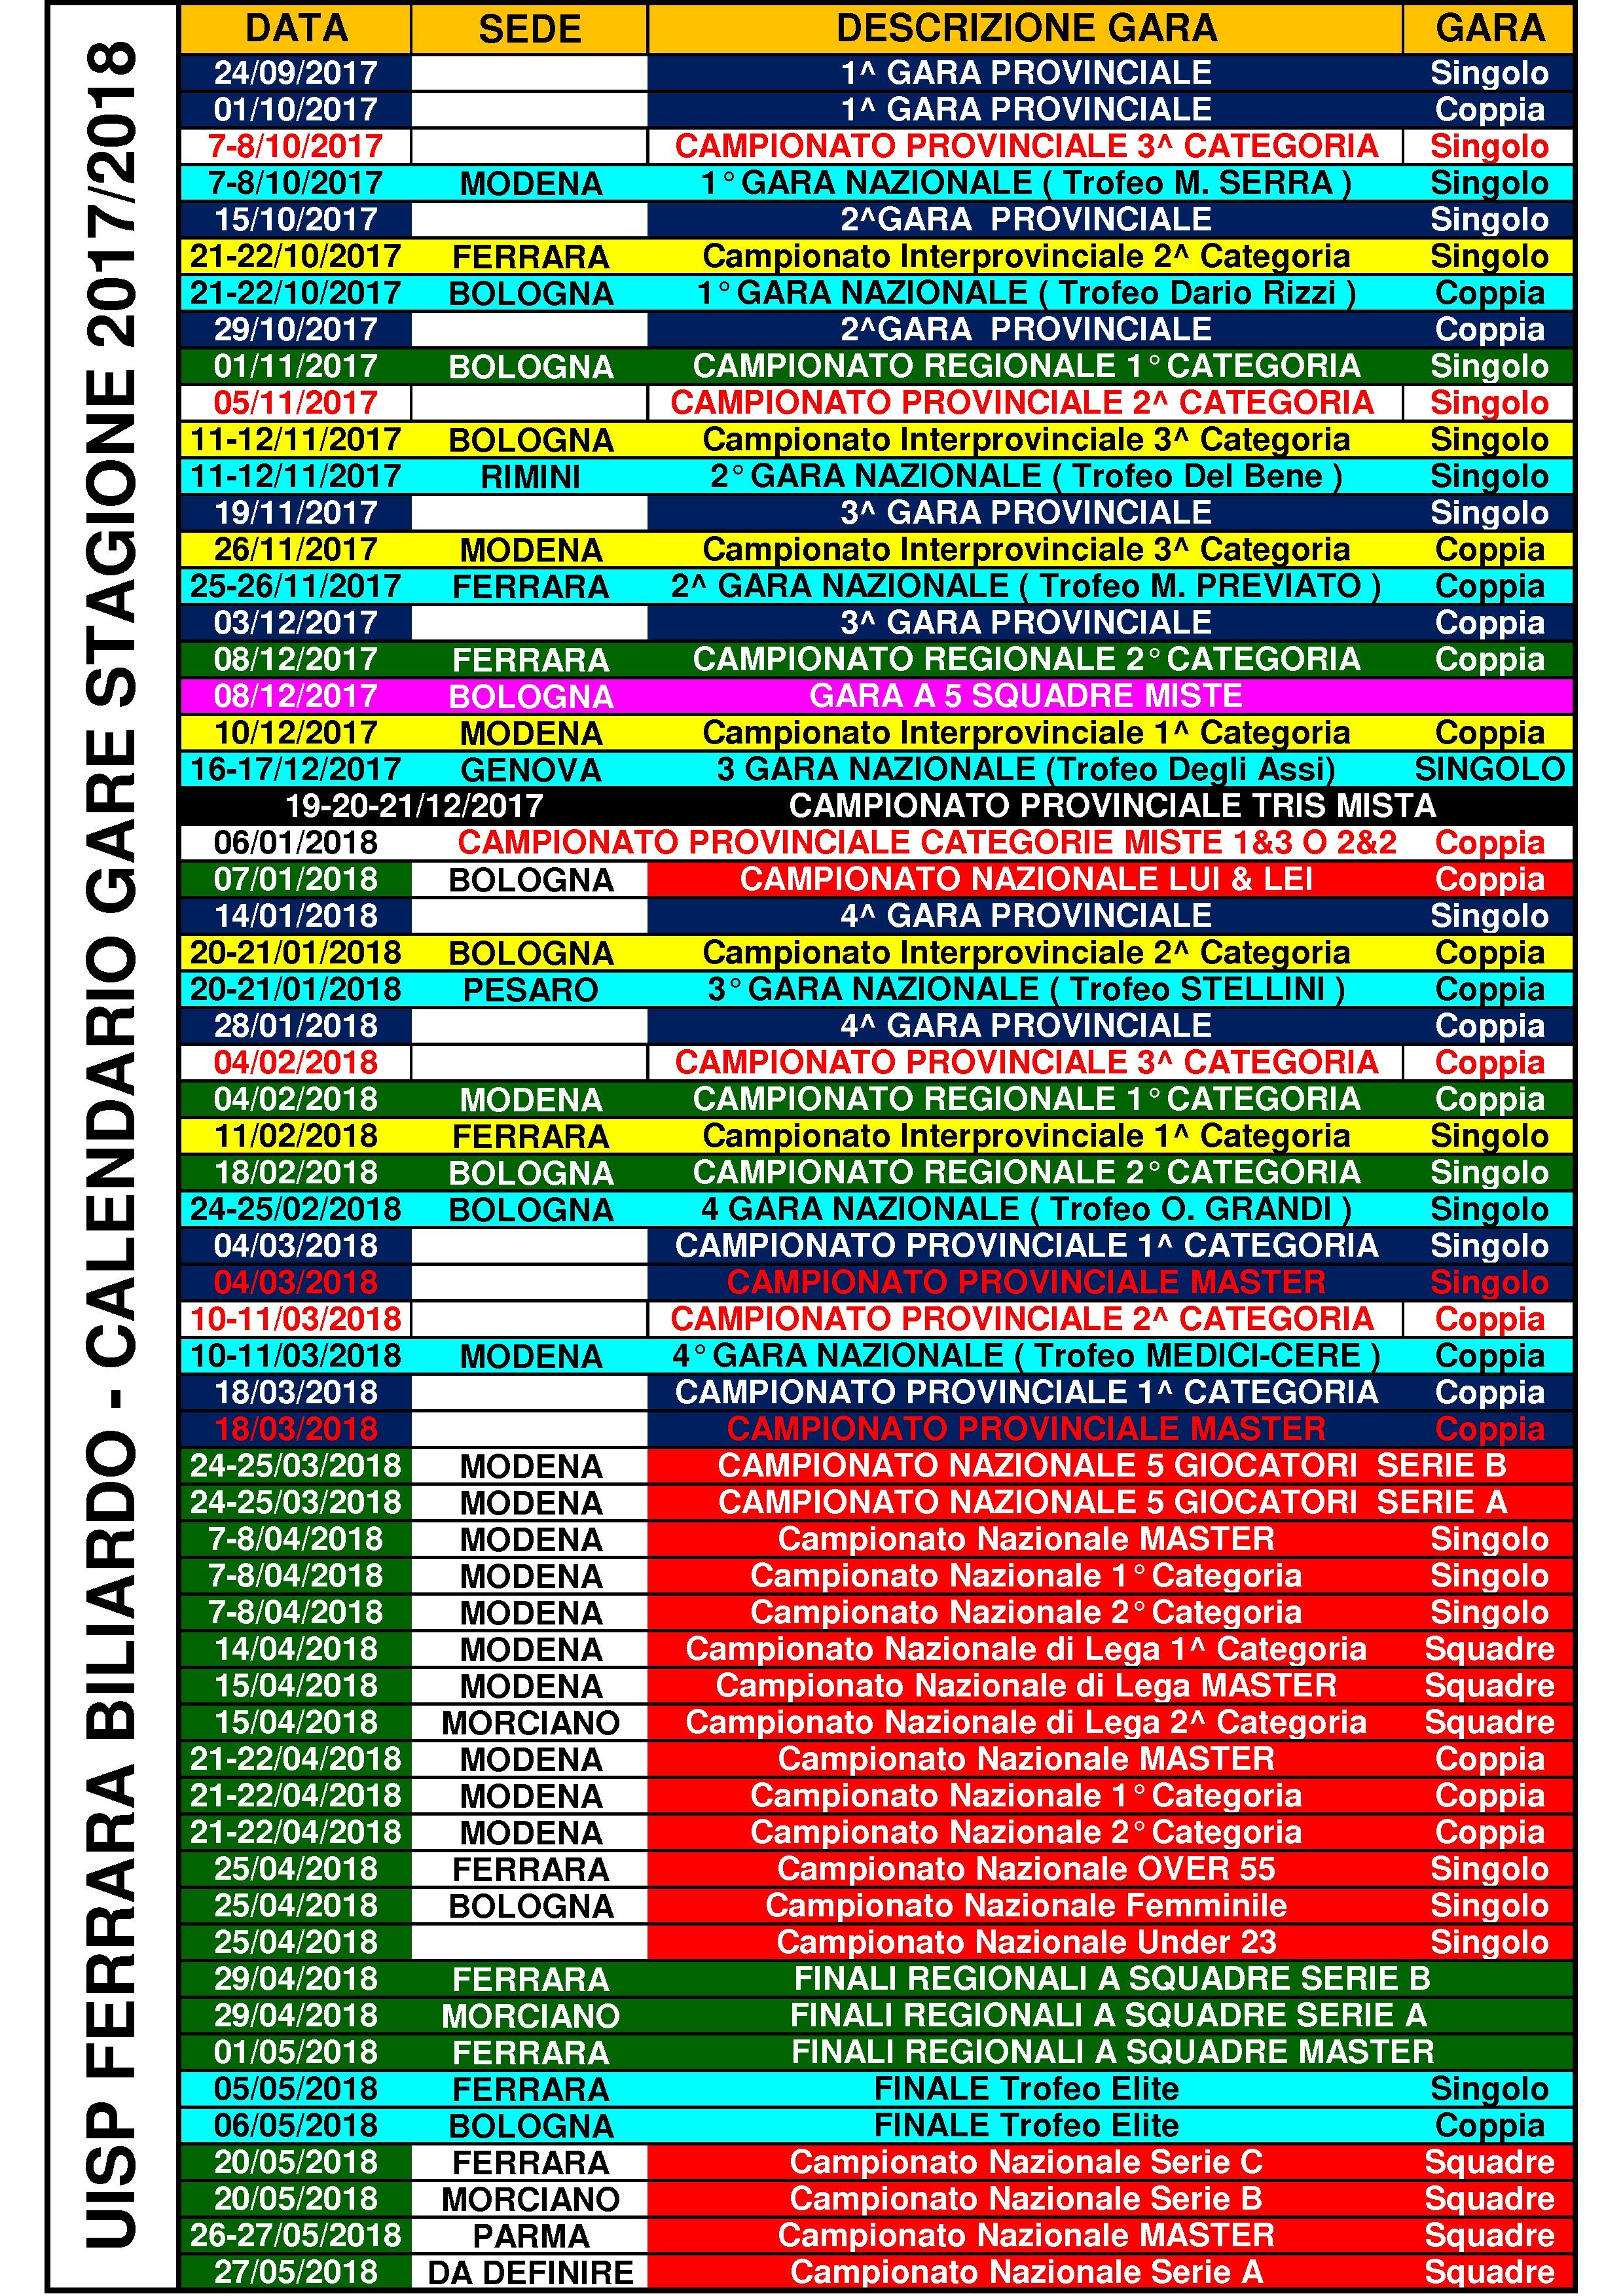 Nazionale Calendario.Calendario Nazionale Gare 2017 2018 Aggiornato Uisp